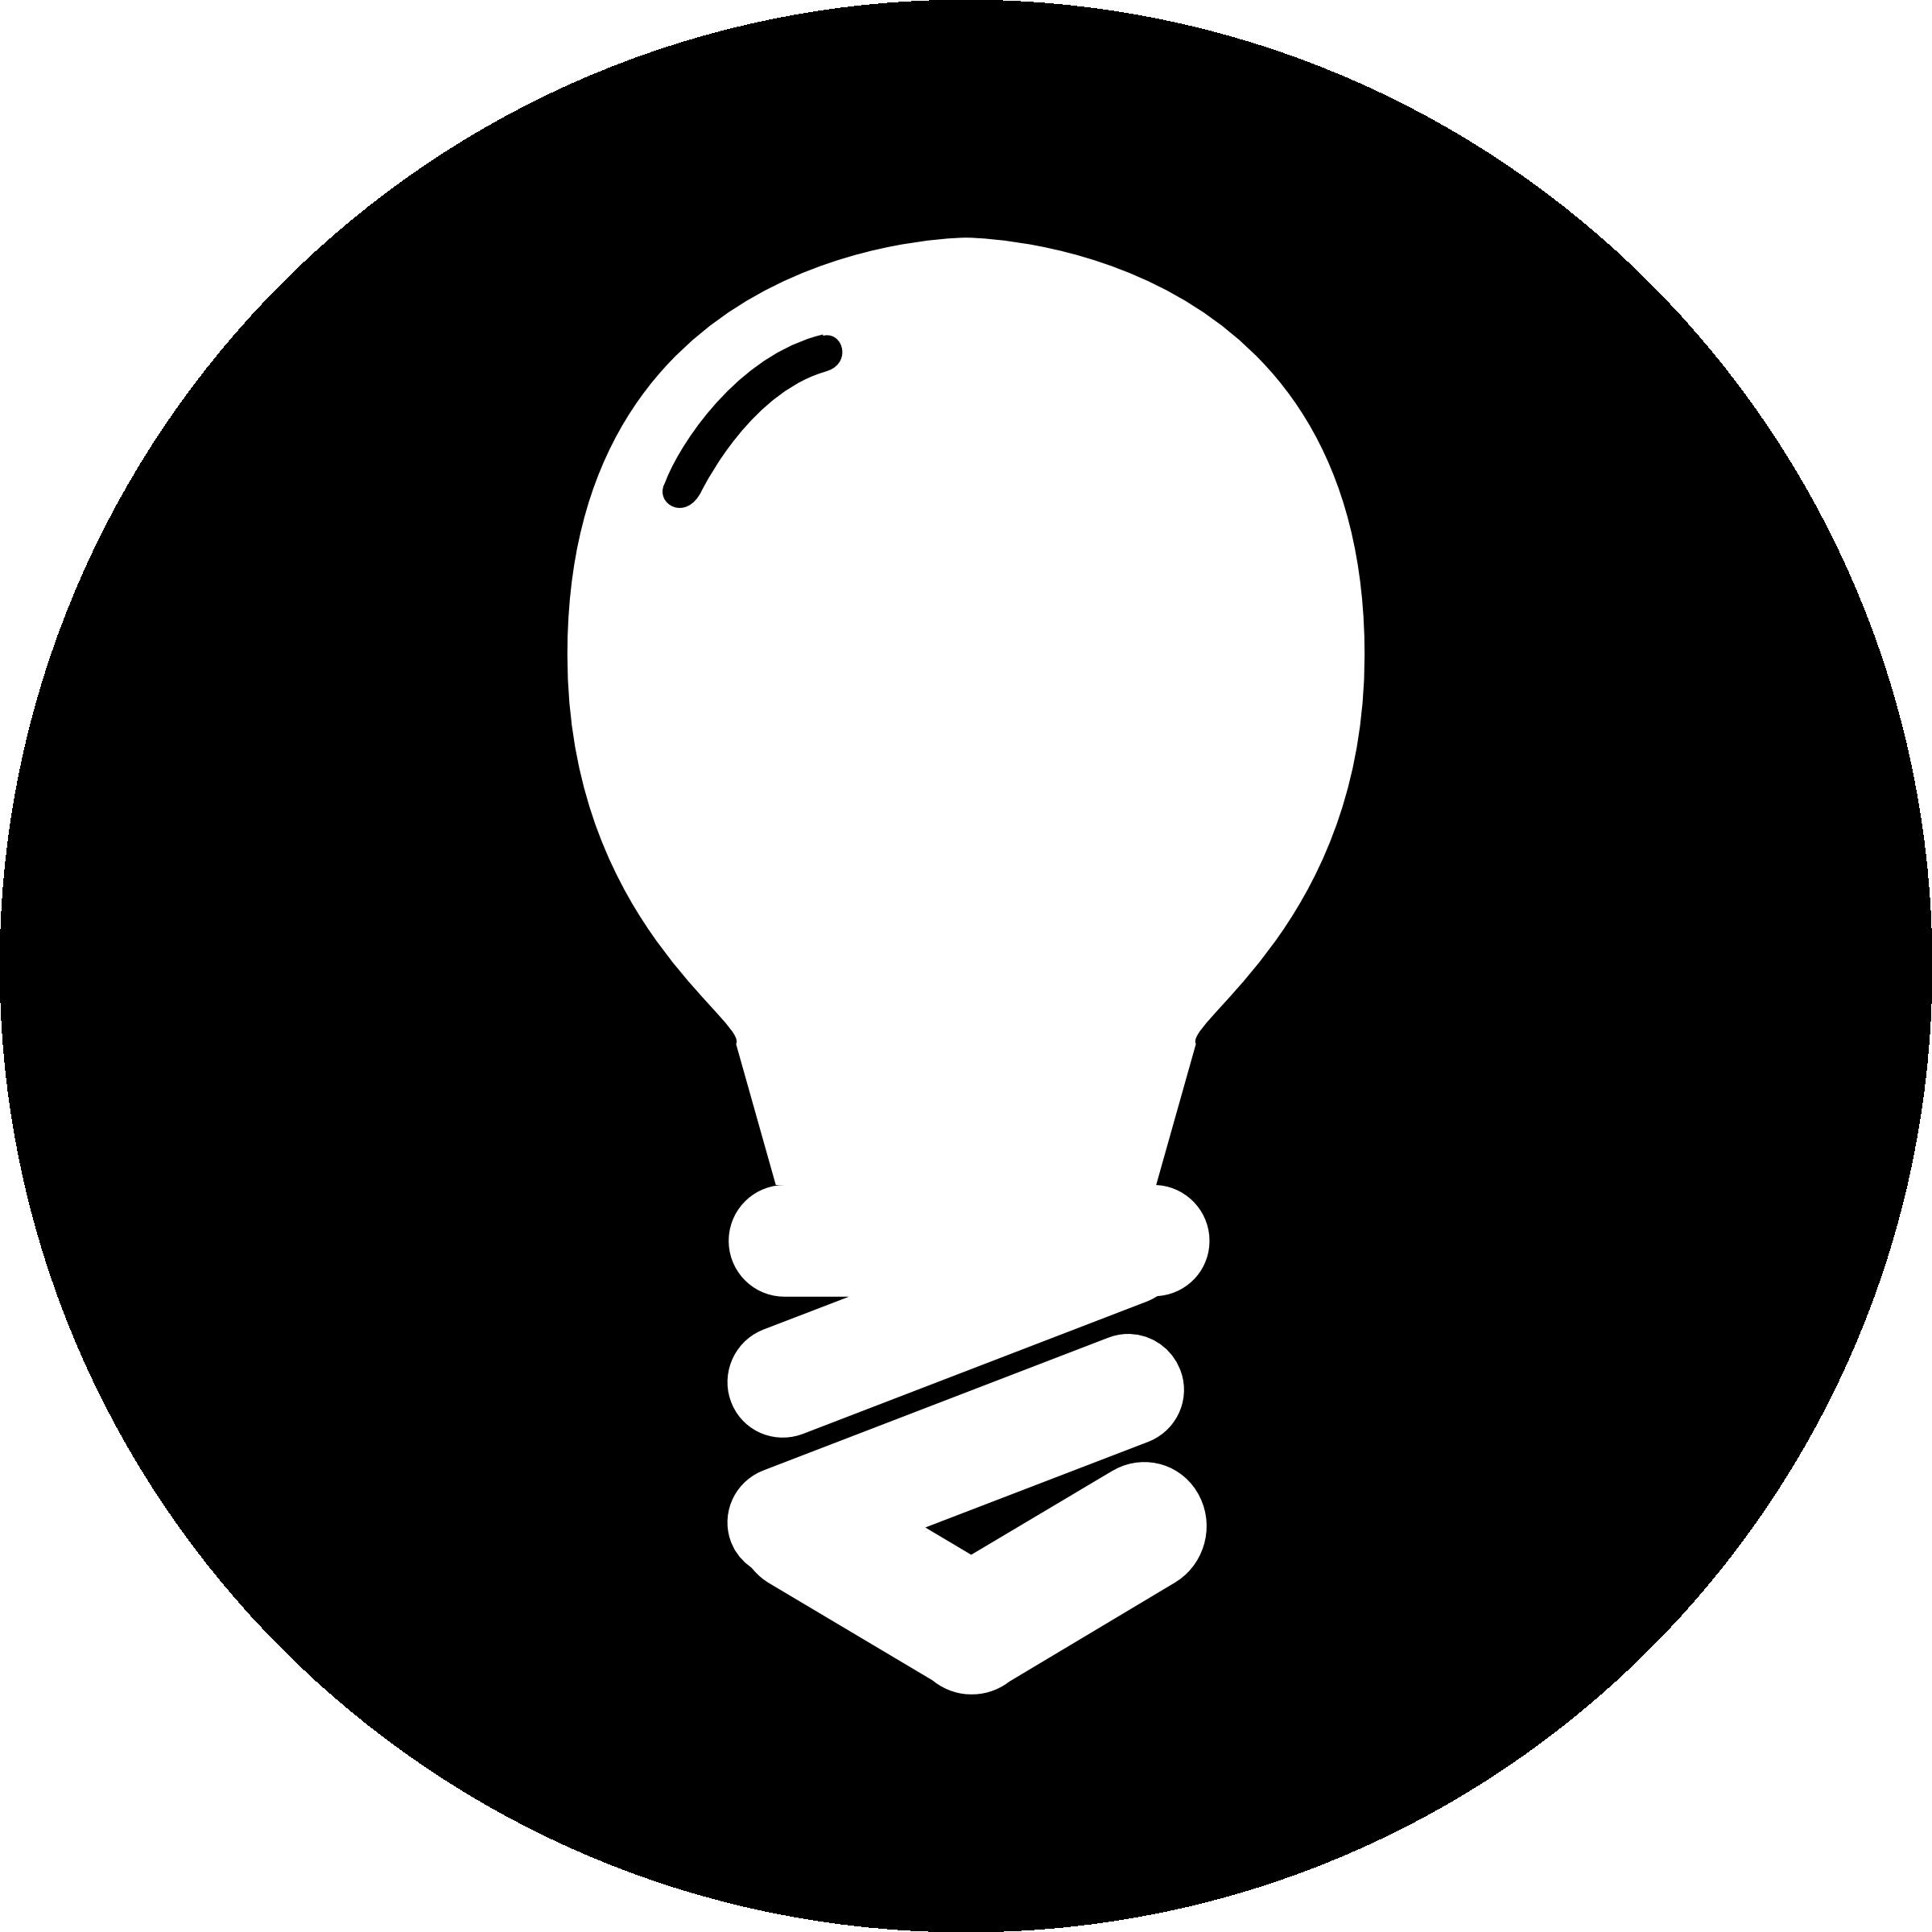 Idea light bulb.